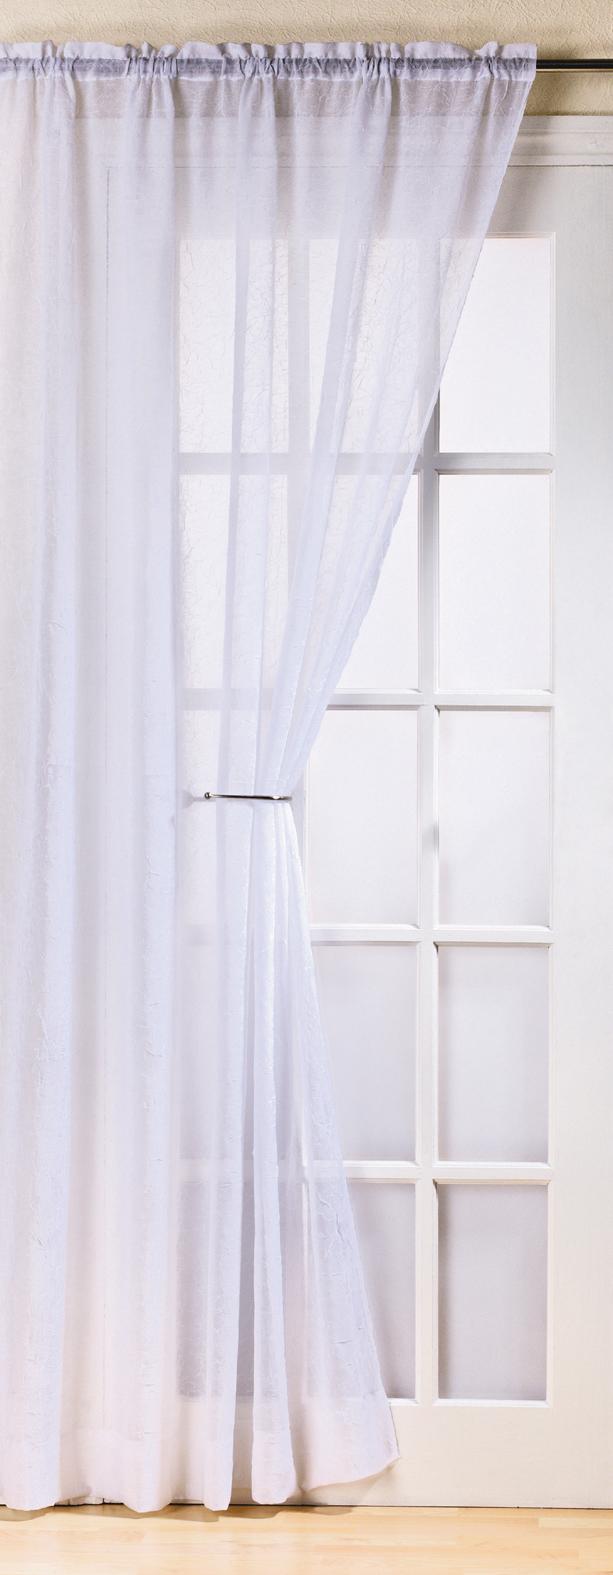 vorhang t r fenster fidschi slot top gerafft netz voile. Black Bedroom Furniture Sets. Home Design Ideas